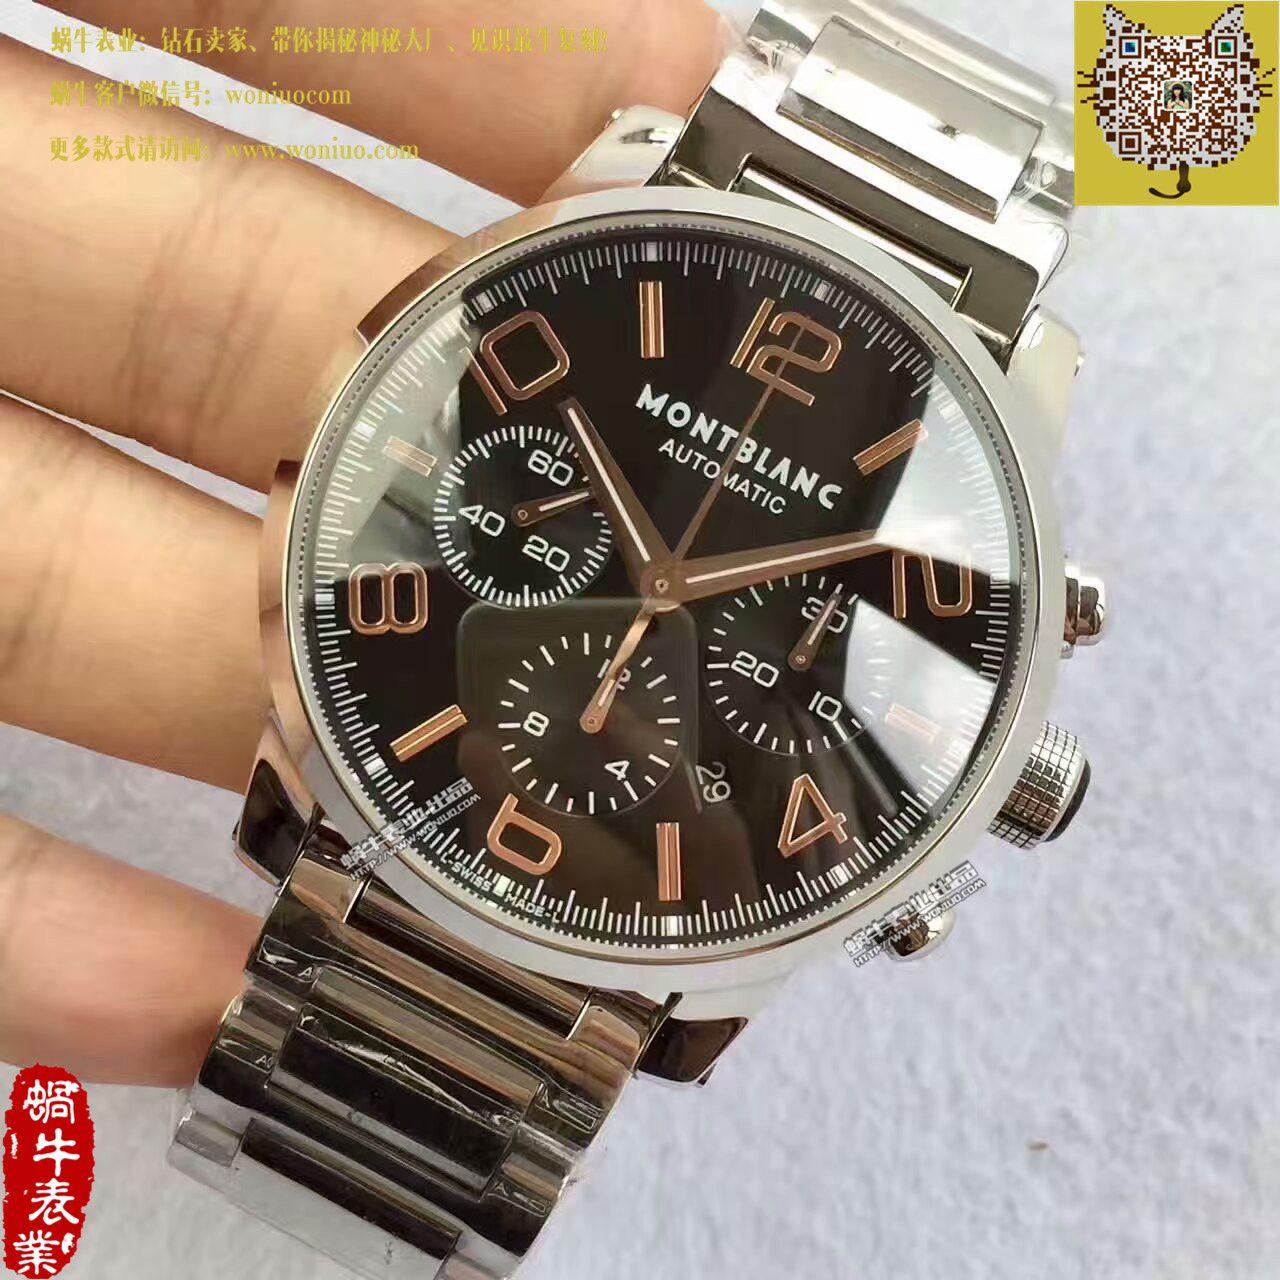 【台湾厂1比1超A高仿手表】万宝龙时光行者系列U0101548腕表 / MB009